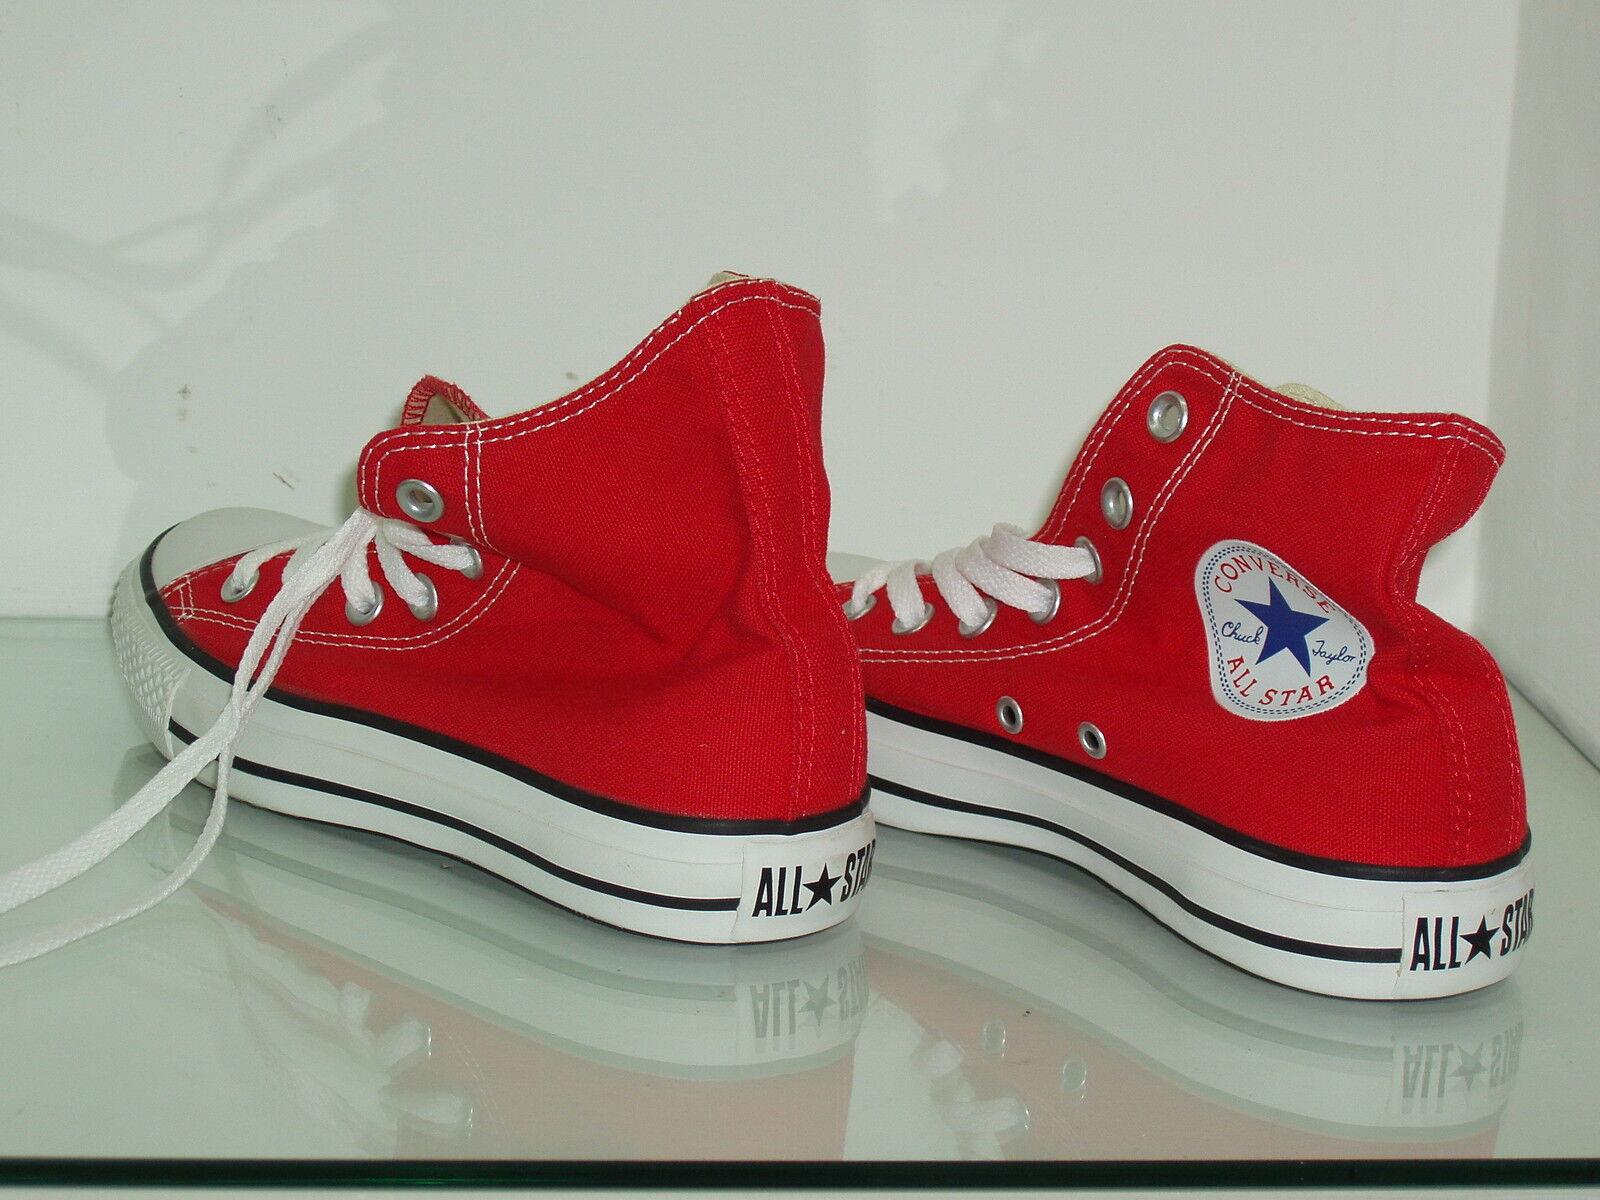 Scarpe casual da uomo  scarpe converse all star HI  uomo - donna  rosso red